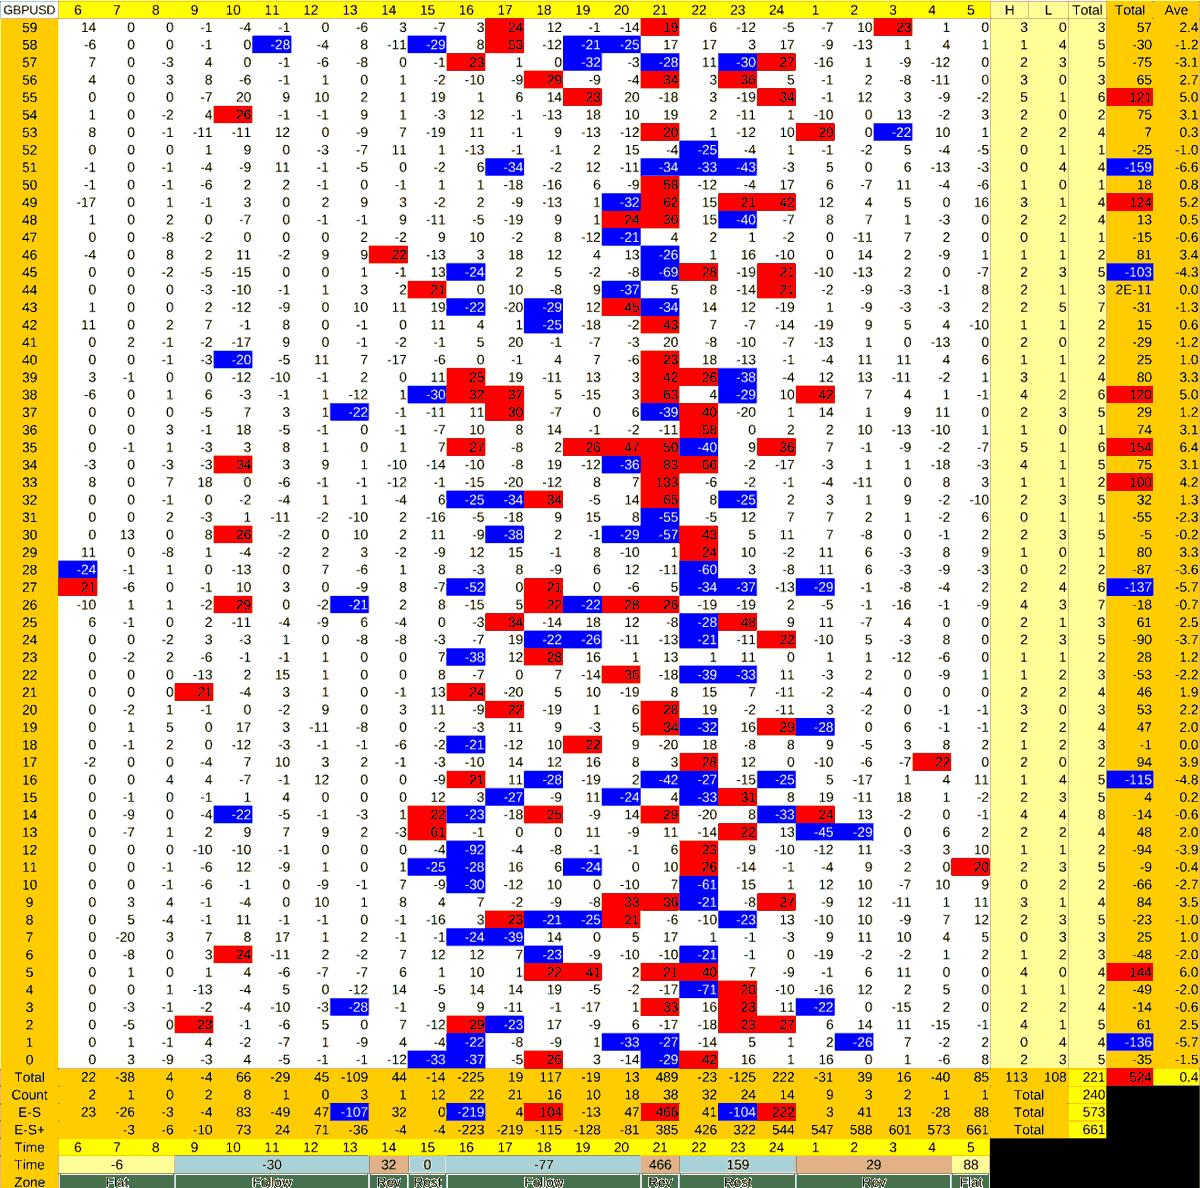 20210610_HS(2)GBPUSD